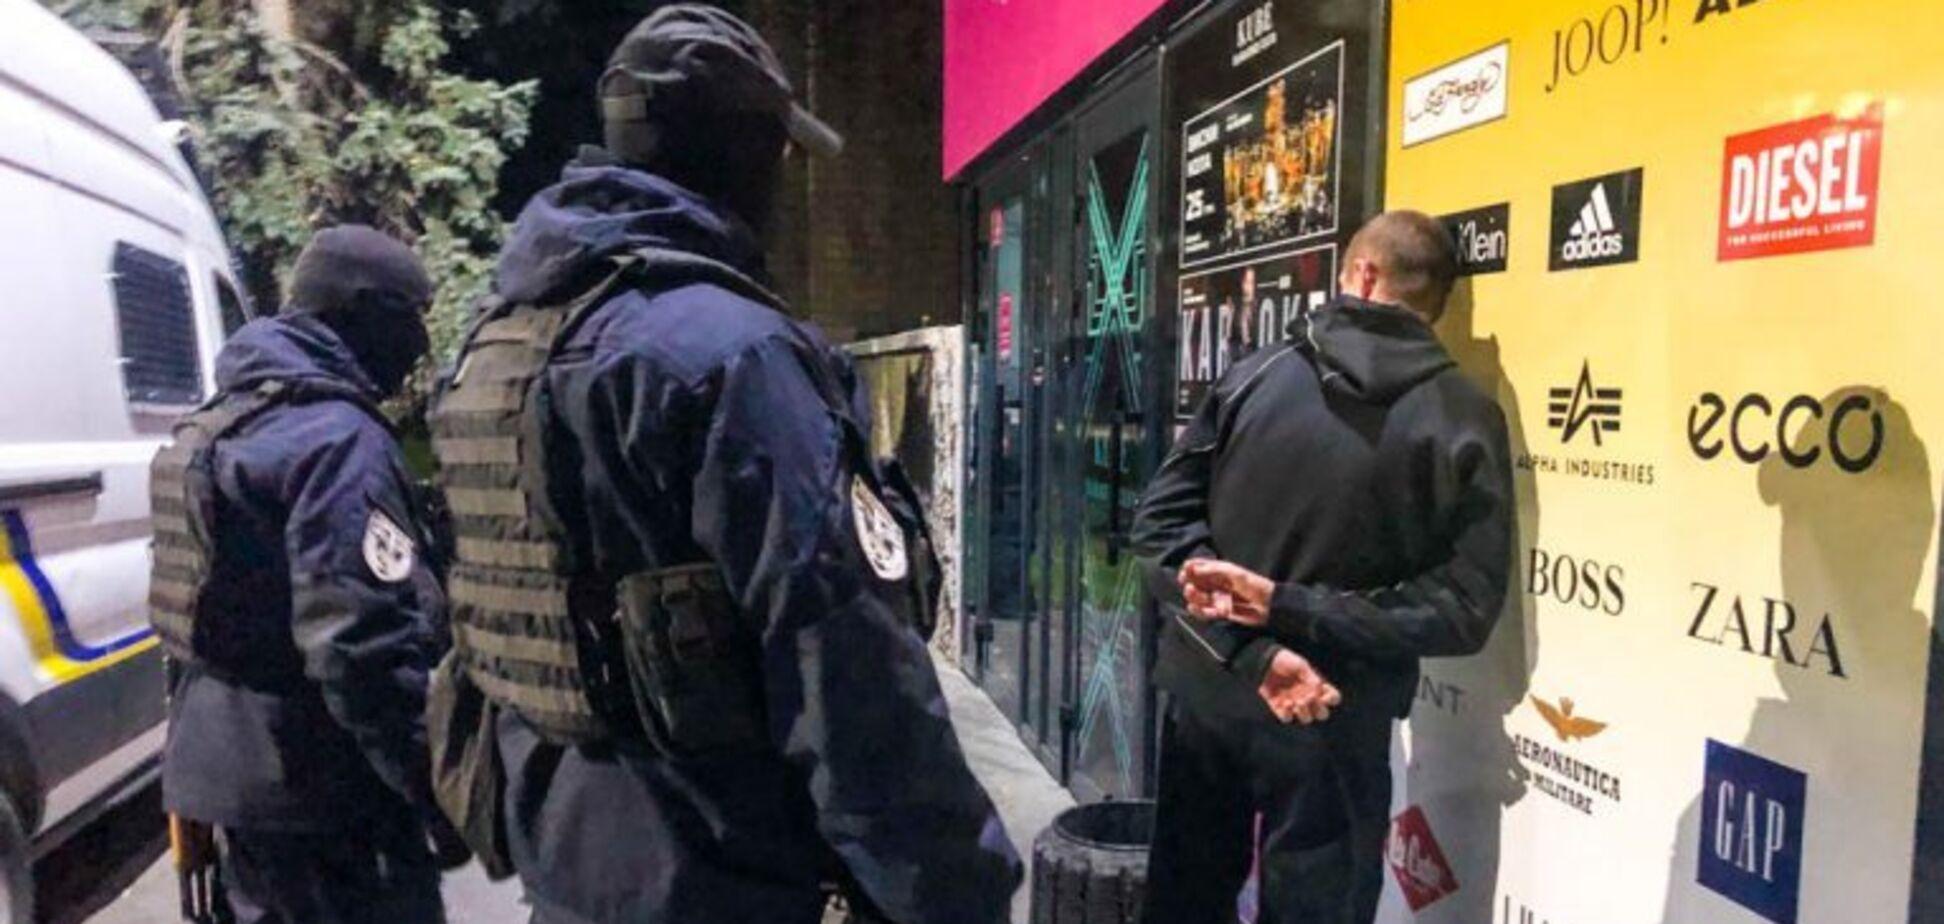 Під Дніпром поліція влаштувала масову нічну облаву: затримано 20 осіб